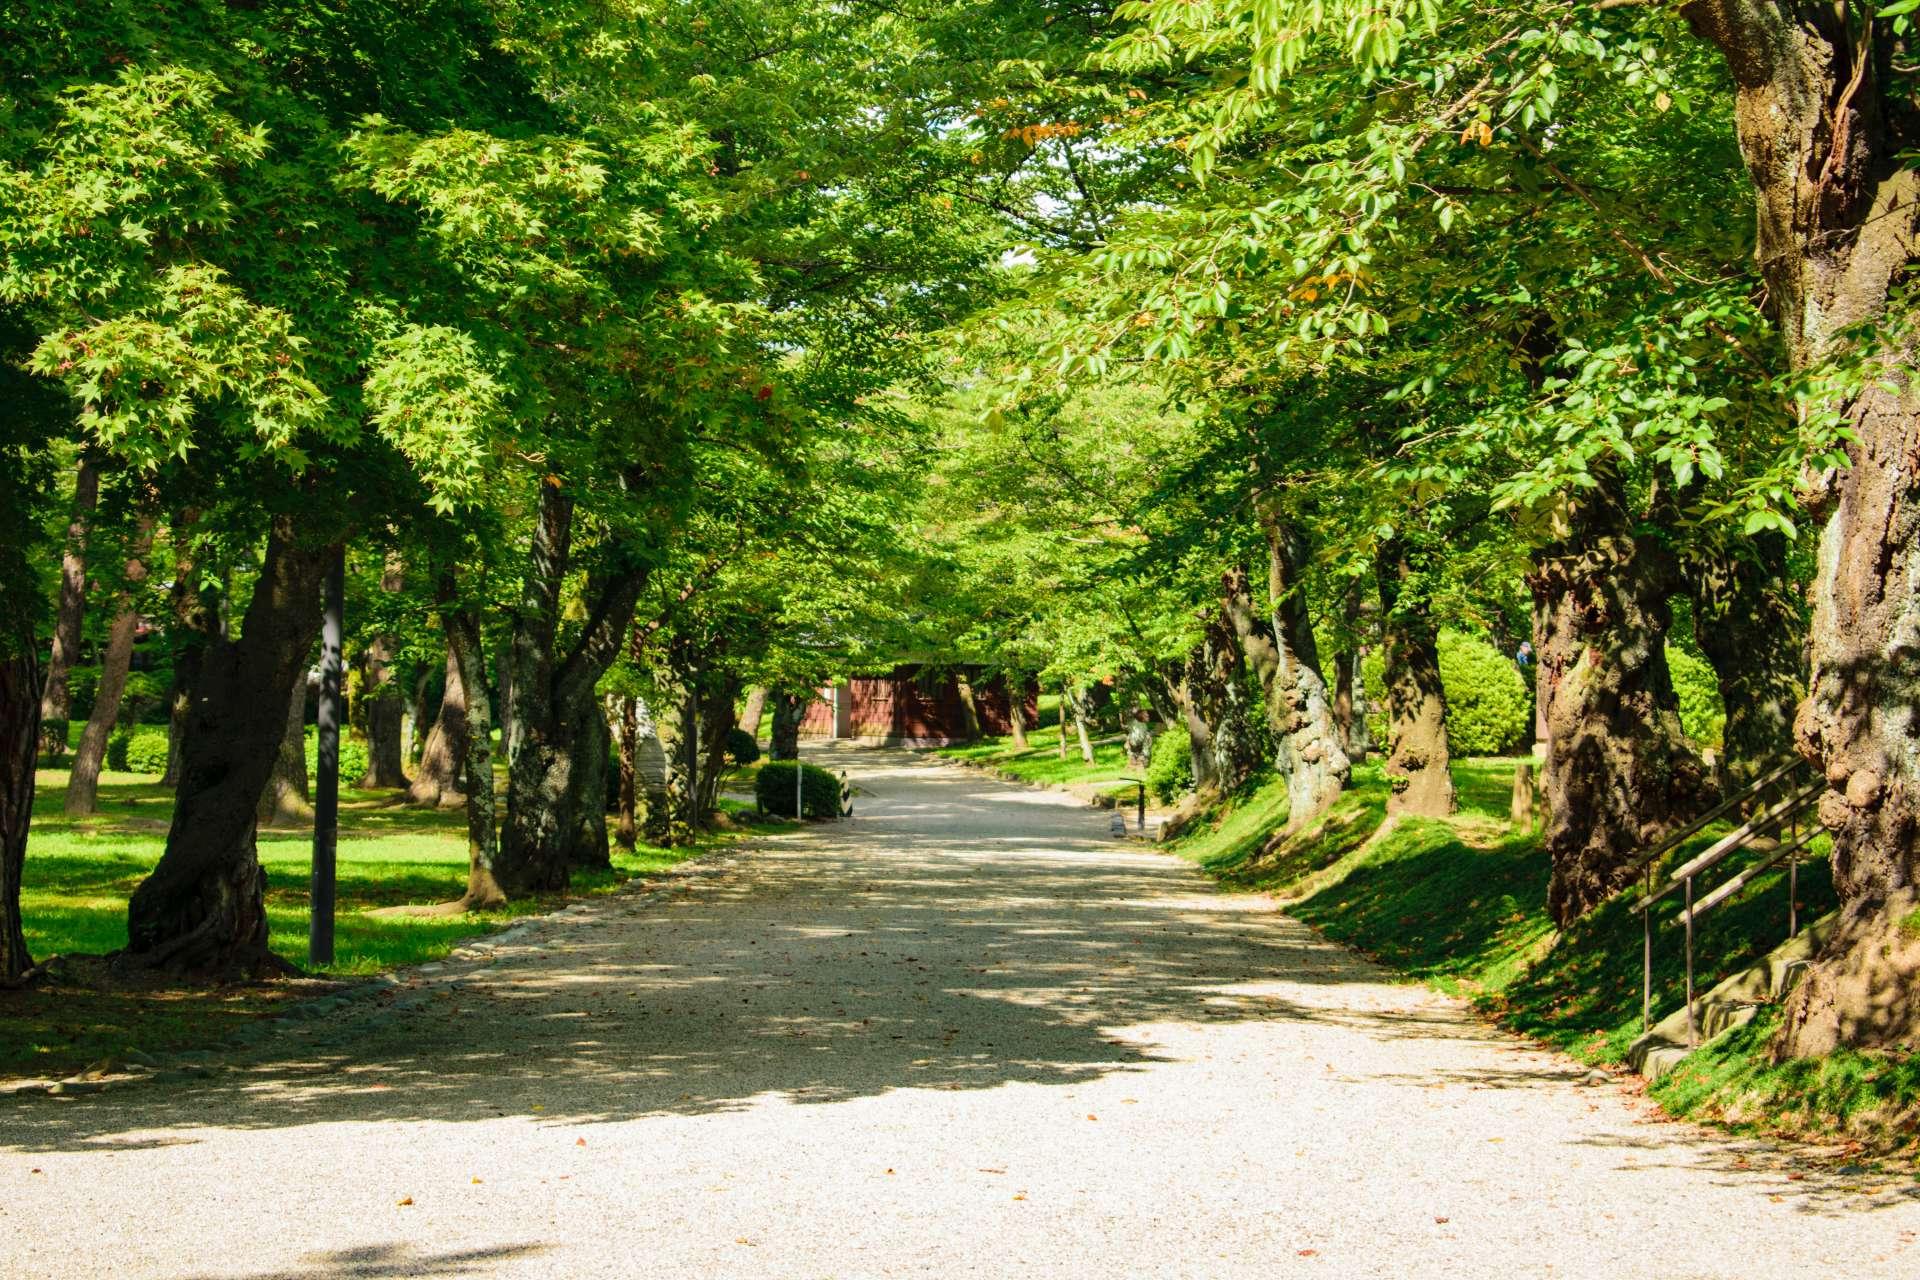 千秋公园、古城旧址、新绿、散步、公园、秋田藩、文化遗产、名胜